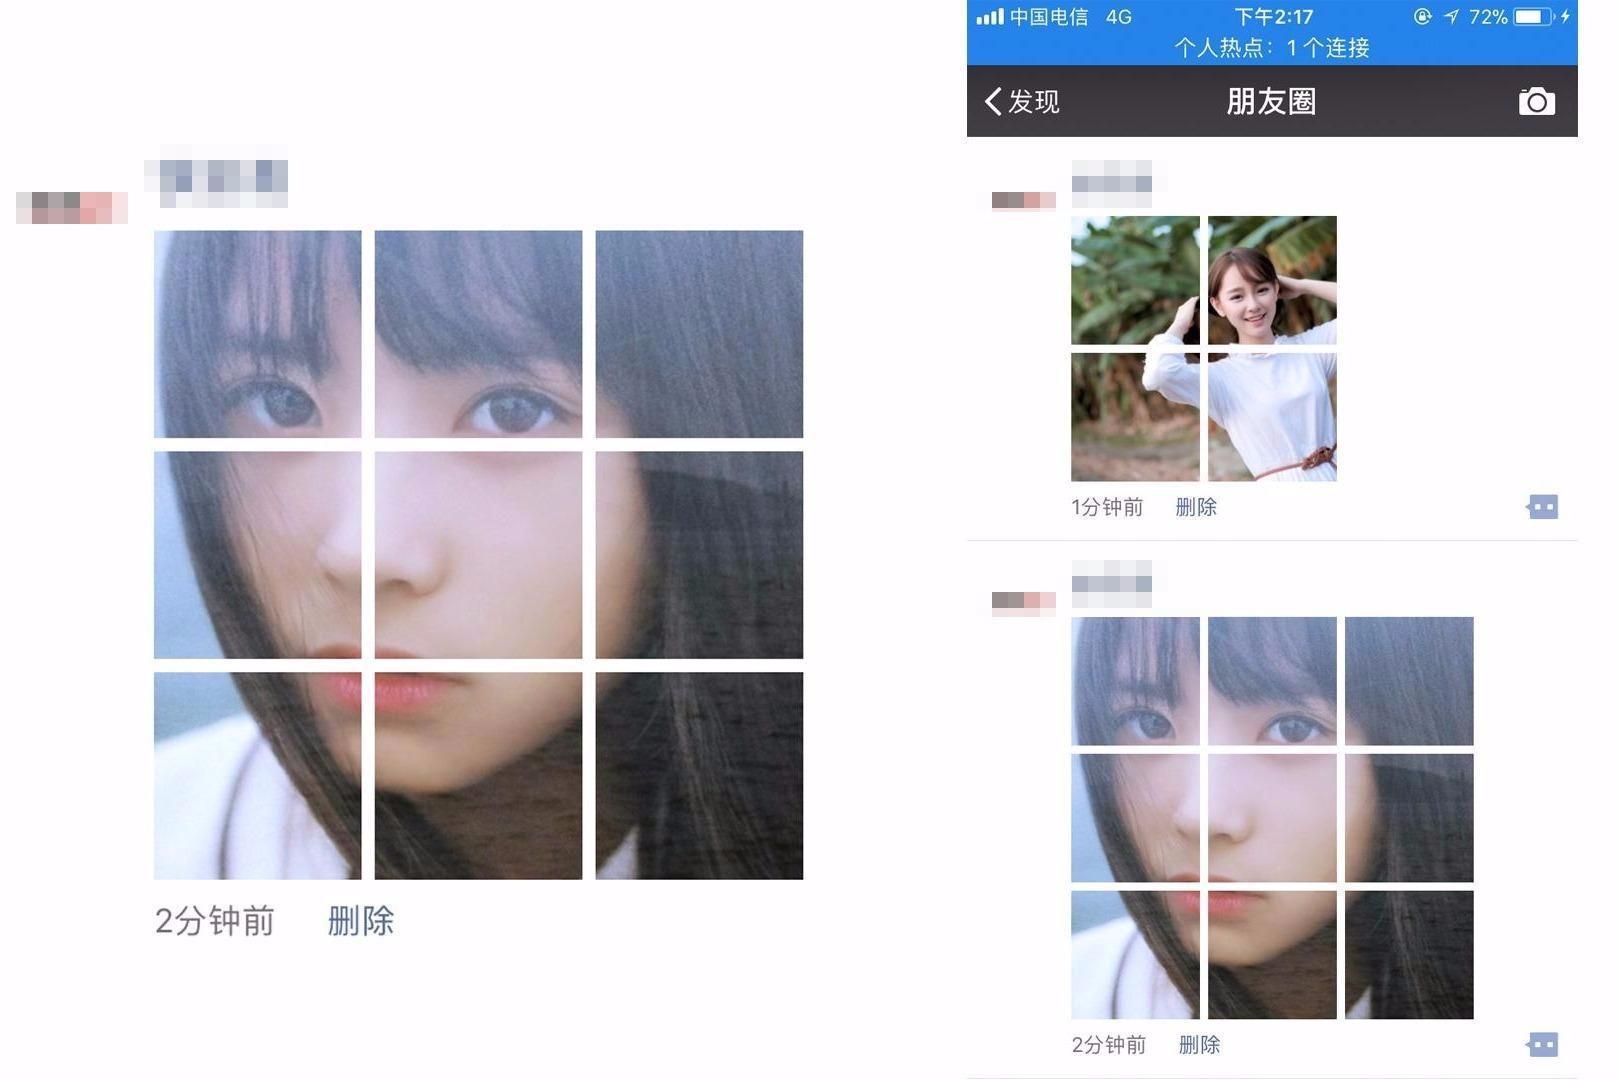 朋友圈还能发送九宫格视频?一张照片九个视频,操作十分简单!图片